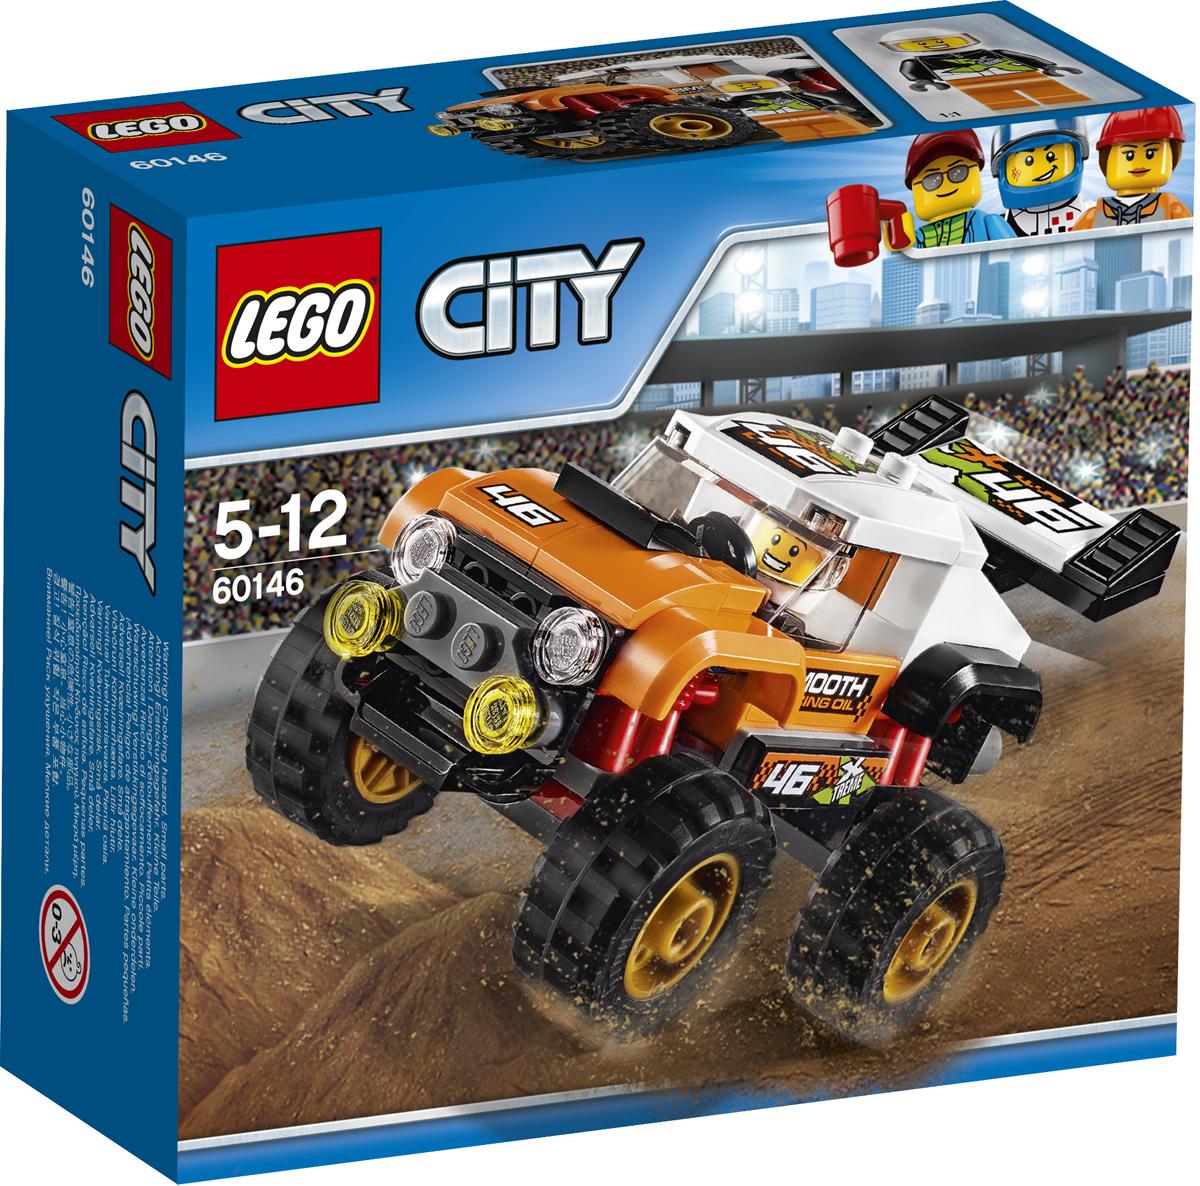 LEGO City Конструктор Внедорожник каскадера 6014660146Пора устроить смелое шоу на трюковом грузовике! Забирайтесь в кабину, пристегивайтесь и отправляйтесь выполнять свой первый трюк! Покажите, на что вы способны и с каждым разом прыгайте все выше! Набор включает в себя 91 разноцветный пластиковый элемент. Конструктор - это один из самых увлекательных и веселых способов времяпрепровождения. Ребенок сможет часами играть с конструктором, придумывая различные ситуации и истории.